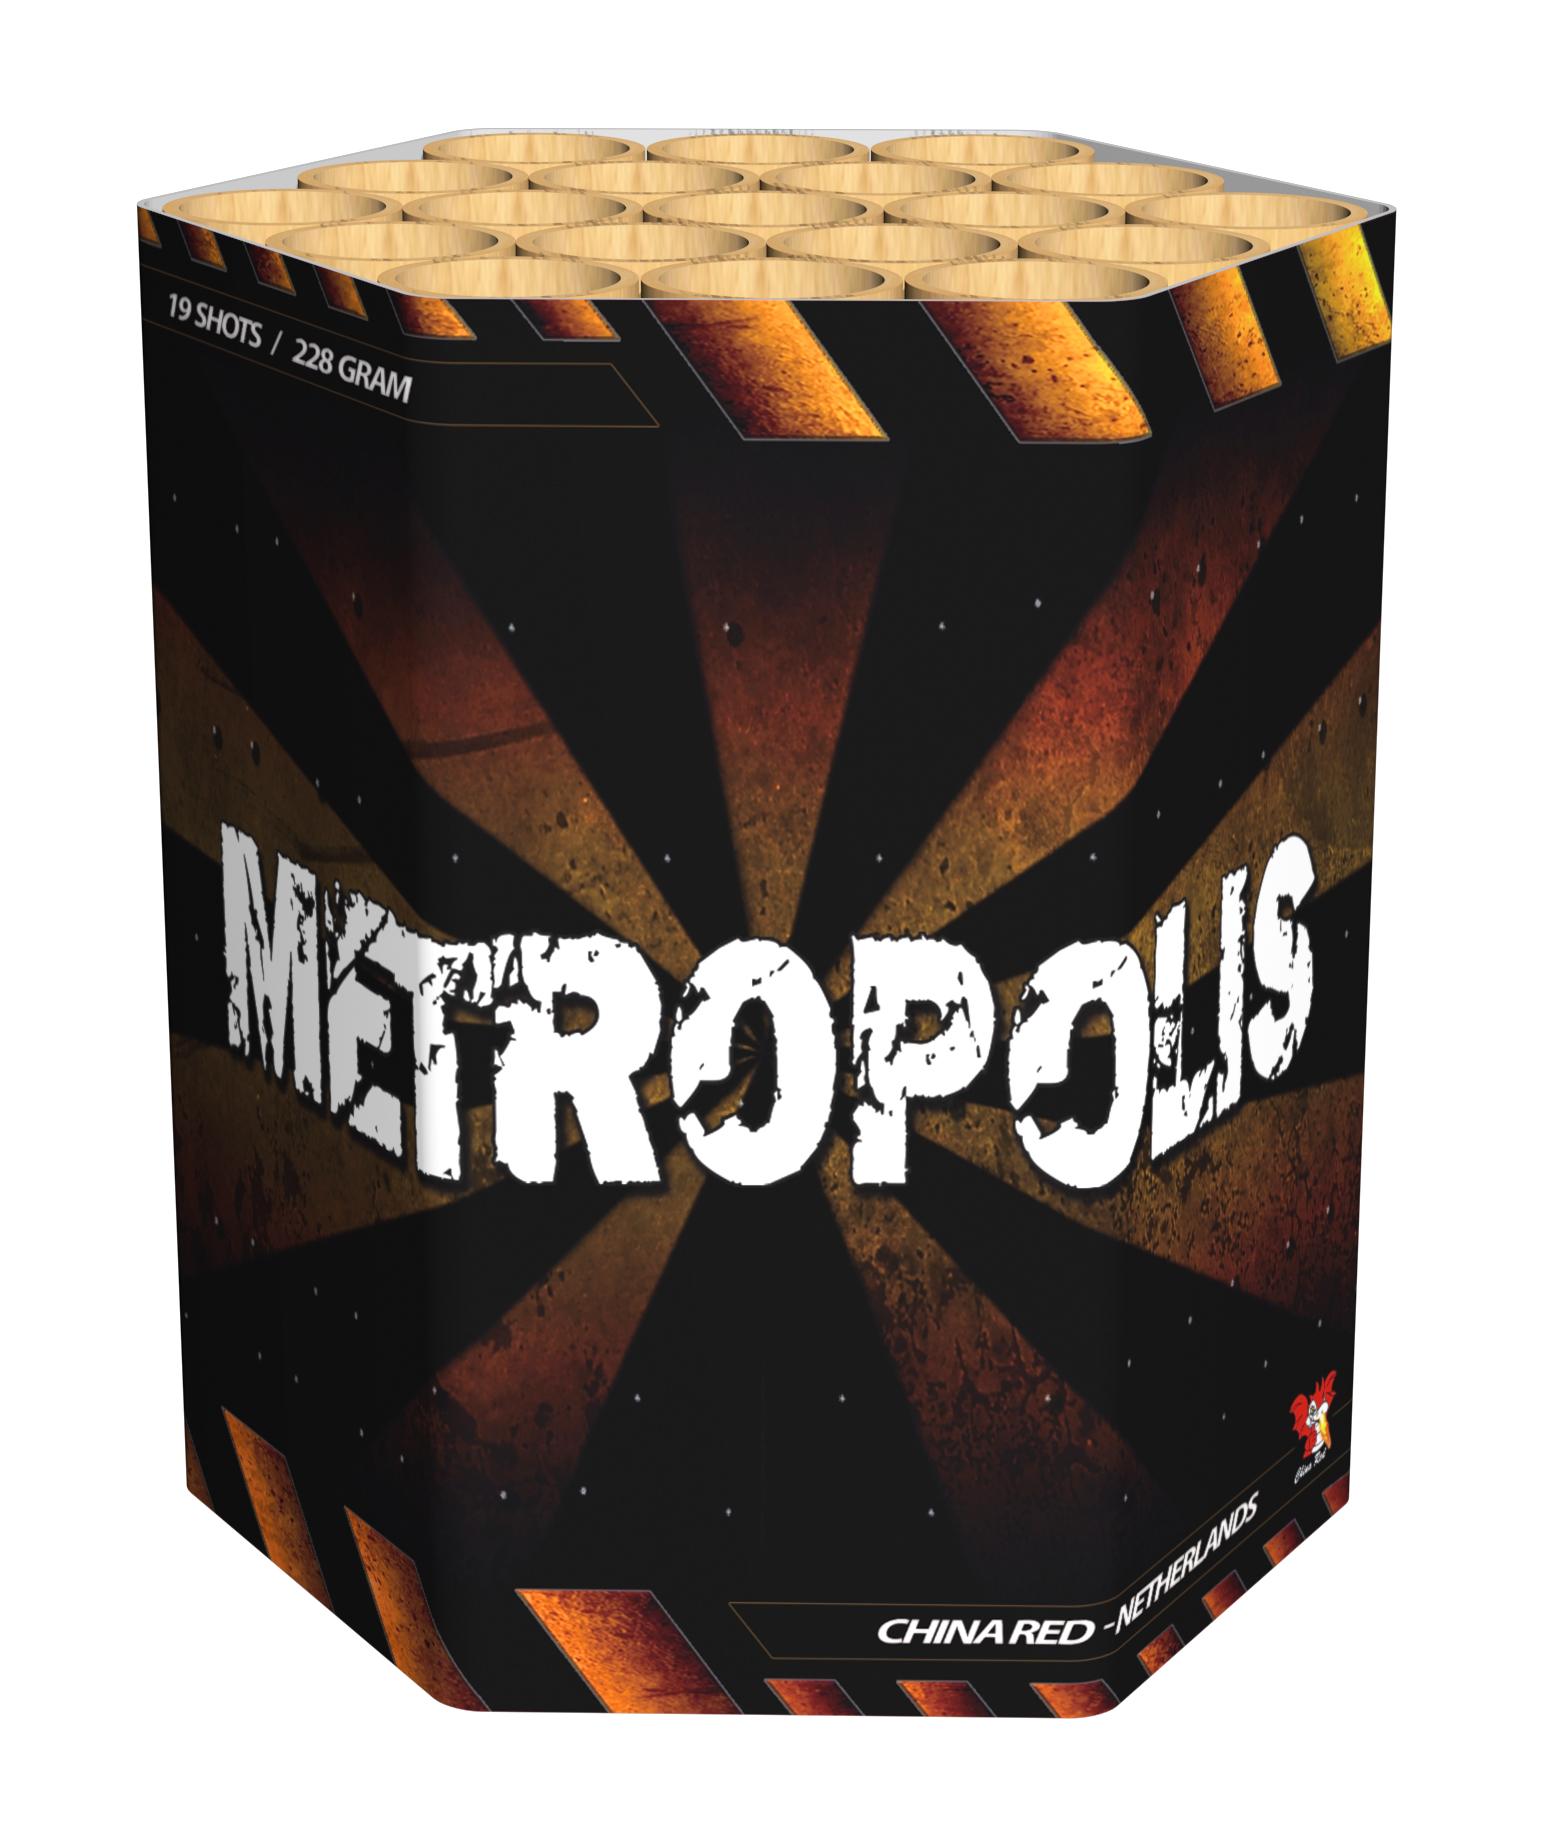 Metropolis/Intense